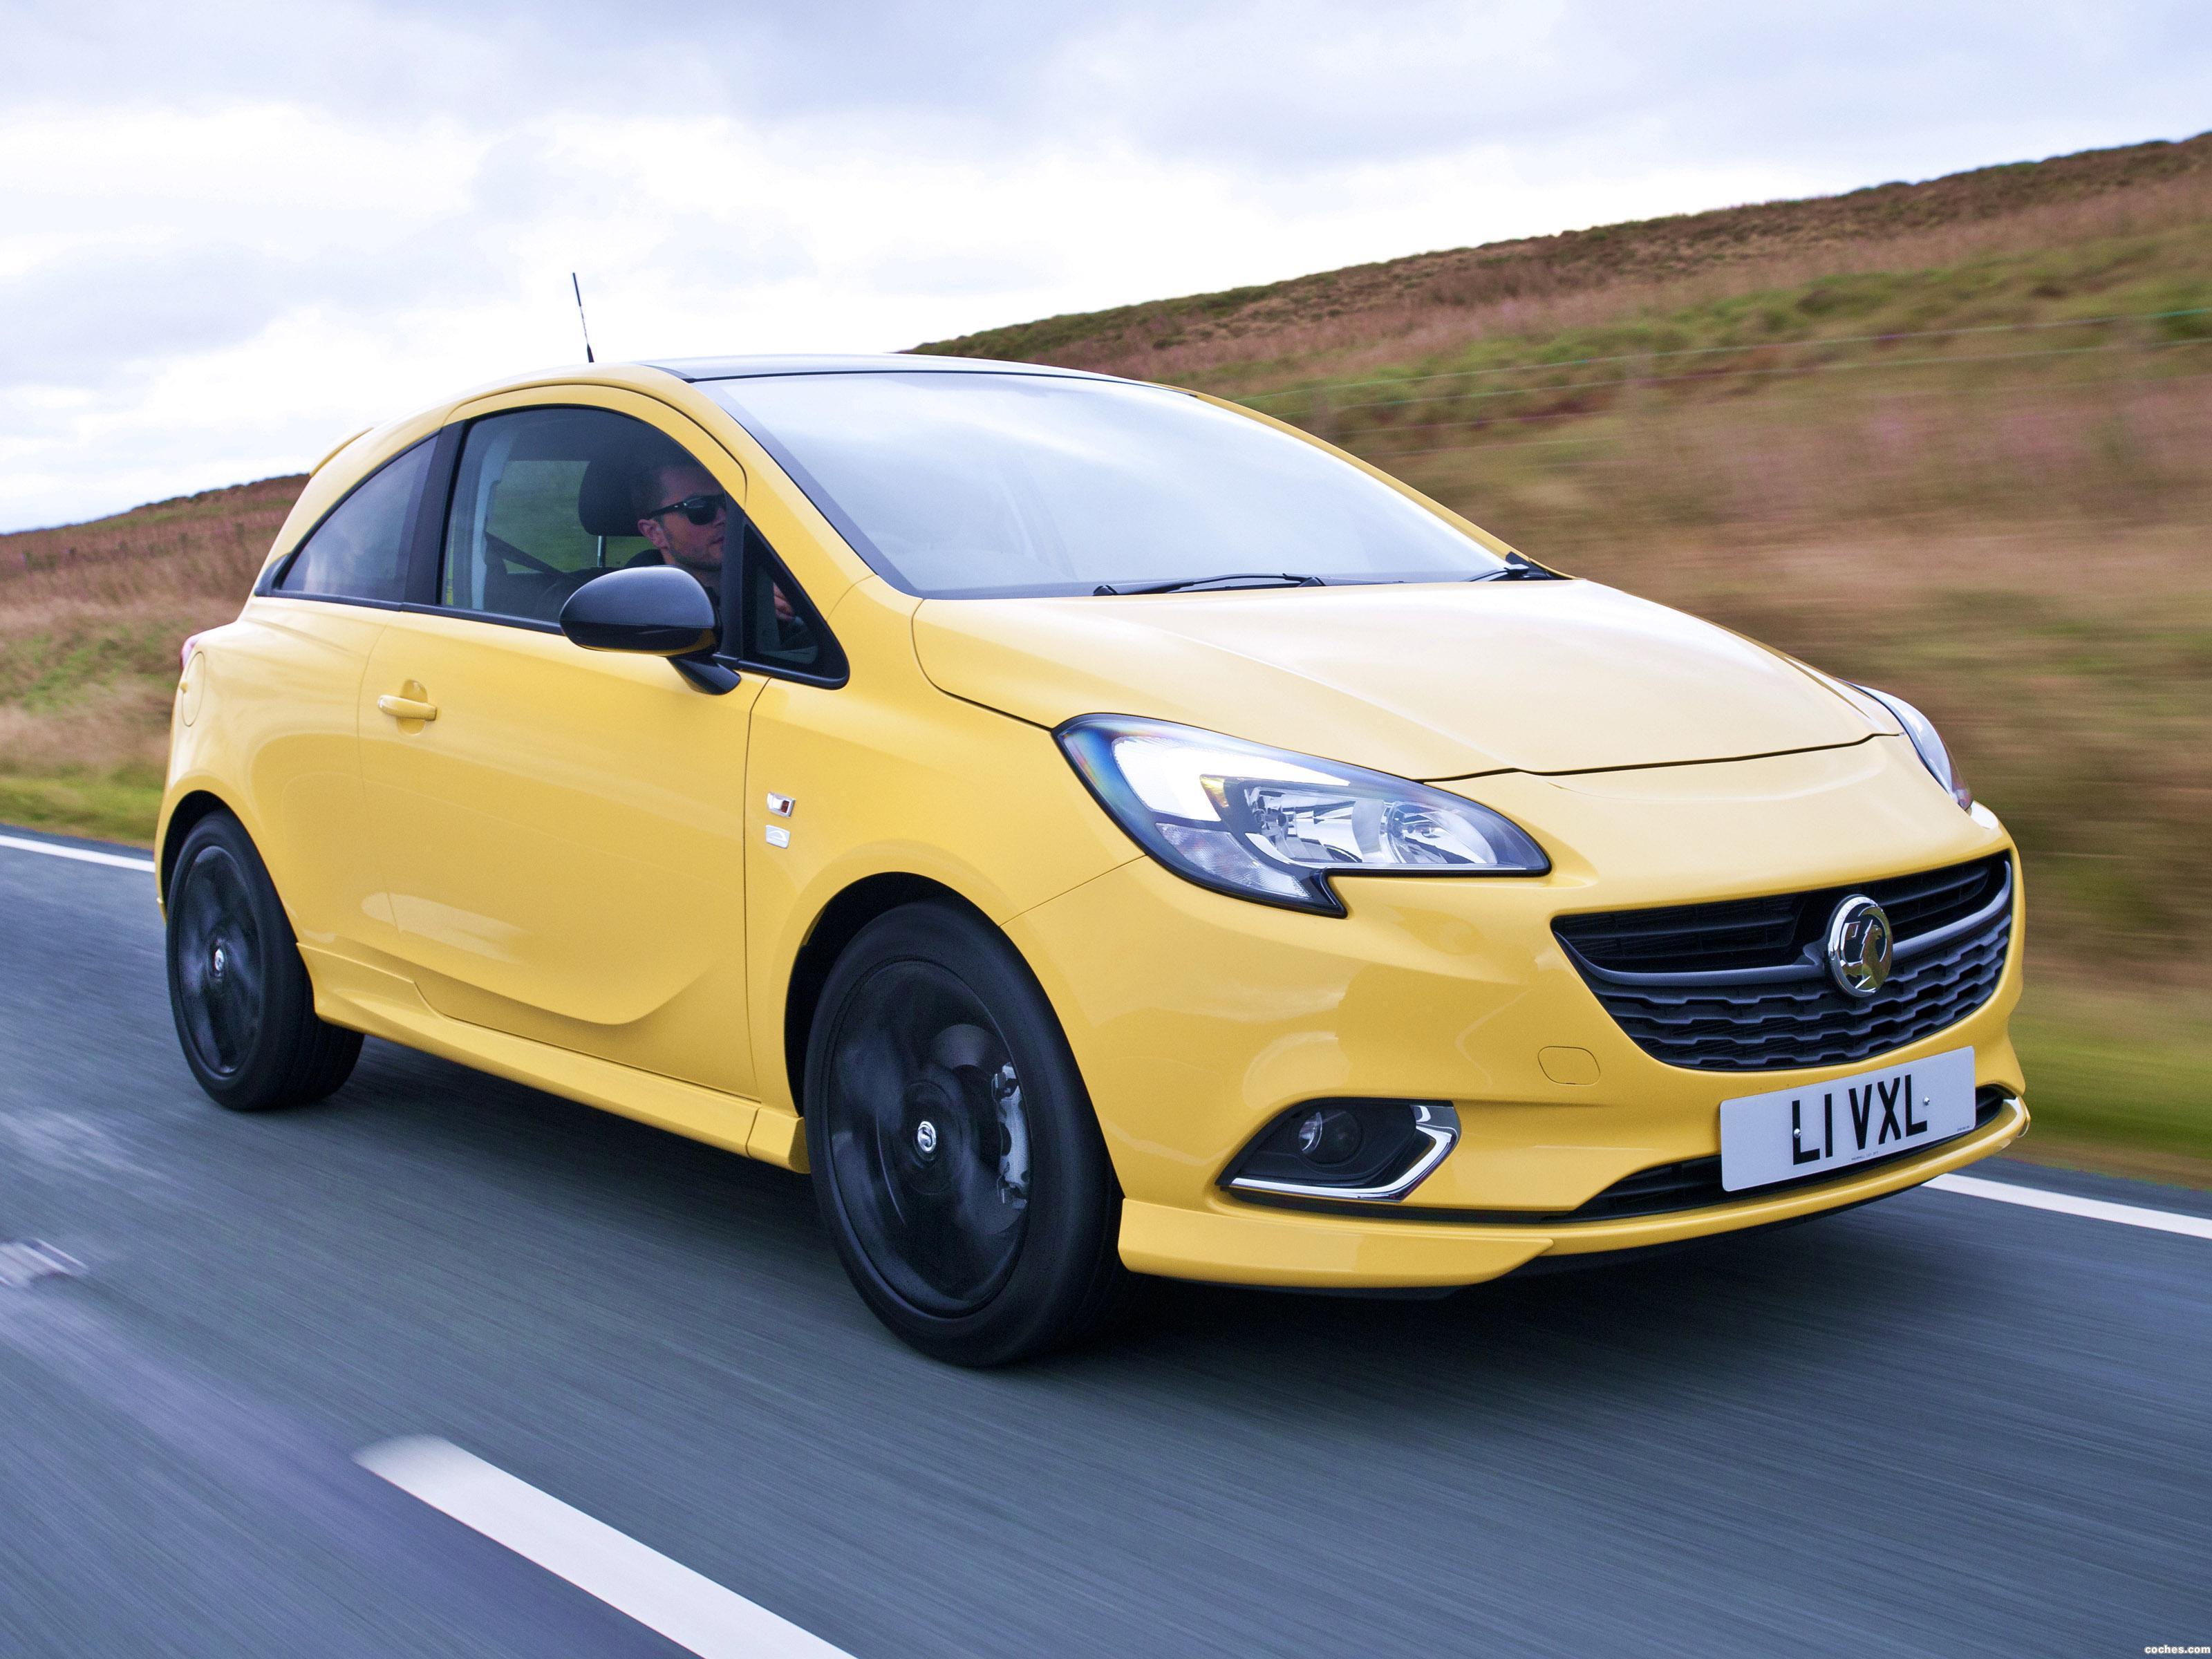 Foto 0 de Vauxhall Corsa Limited Edition 3 puertas 2014